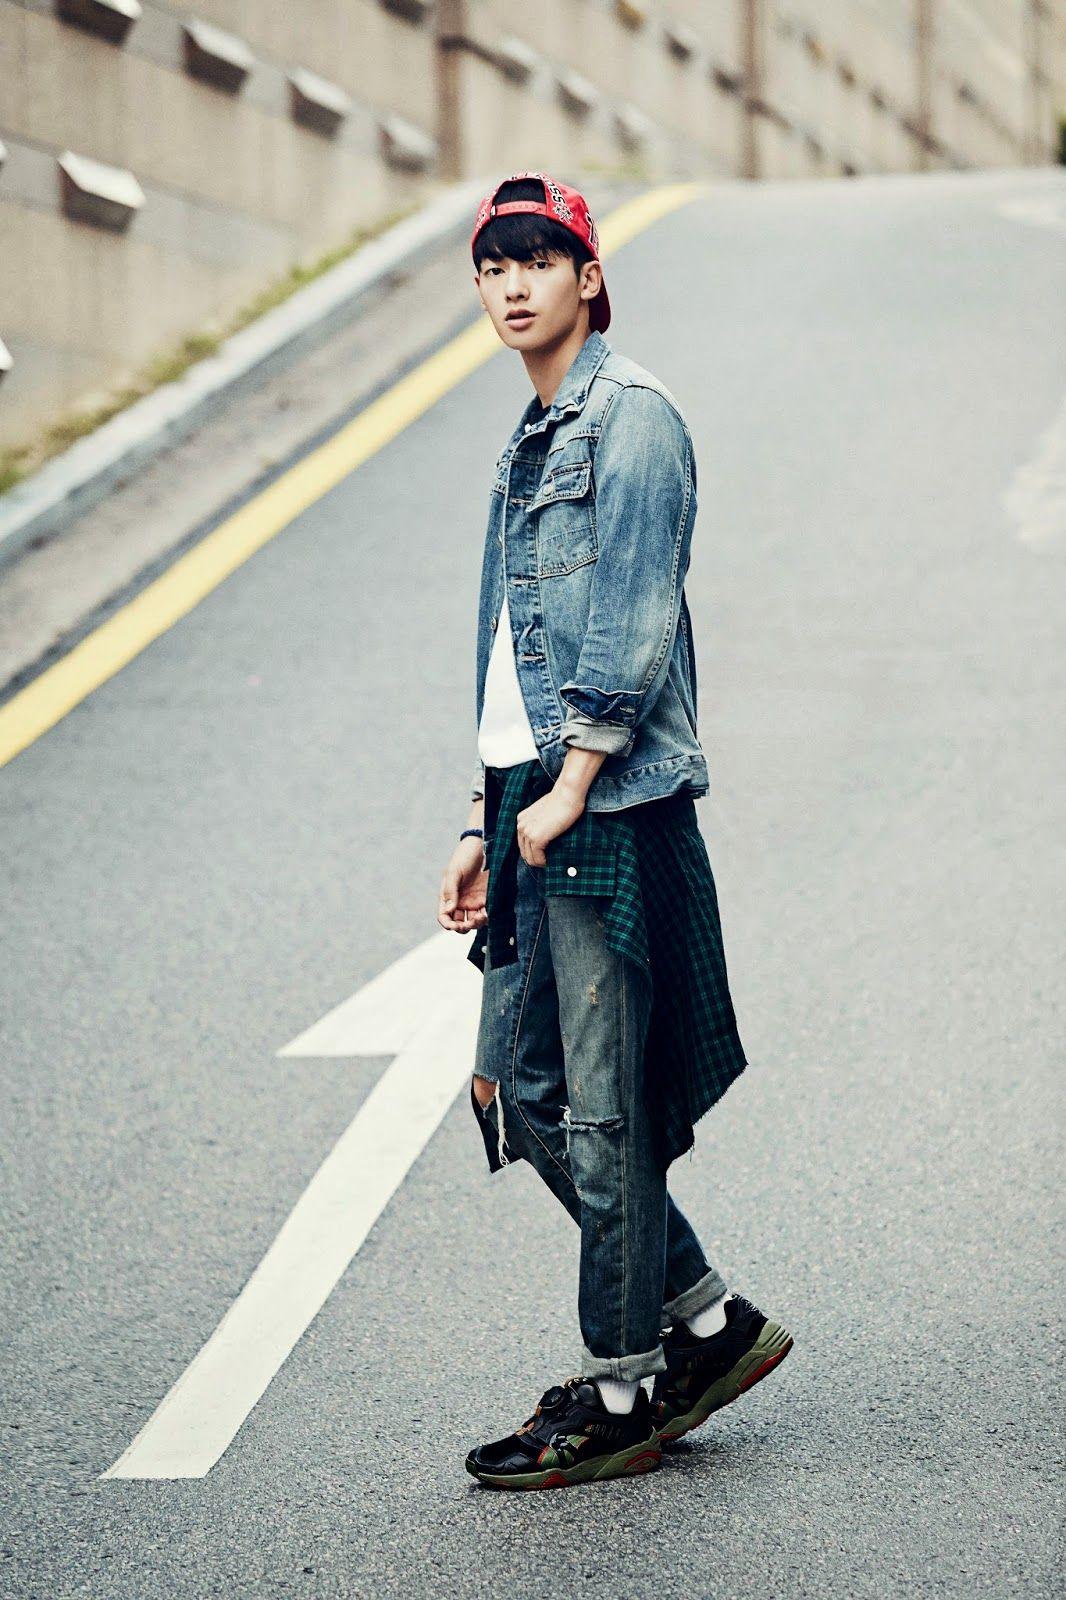 Korean Male Models Street Style Pinterest Male Models Korean And Models